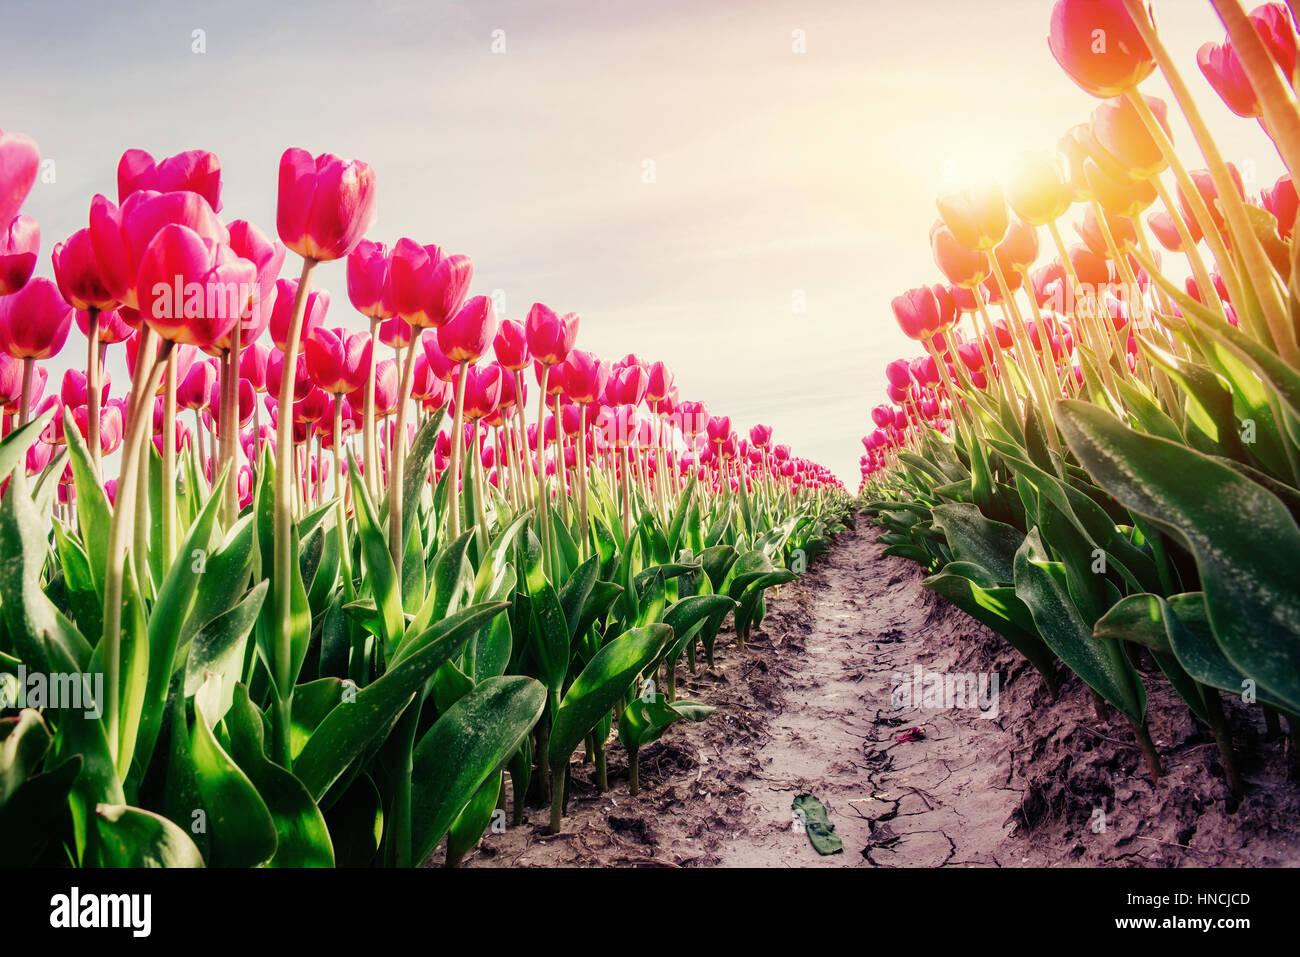 Filas de rosa tulipanes en Holanda. Imagen De Stock